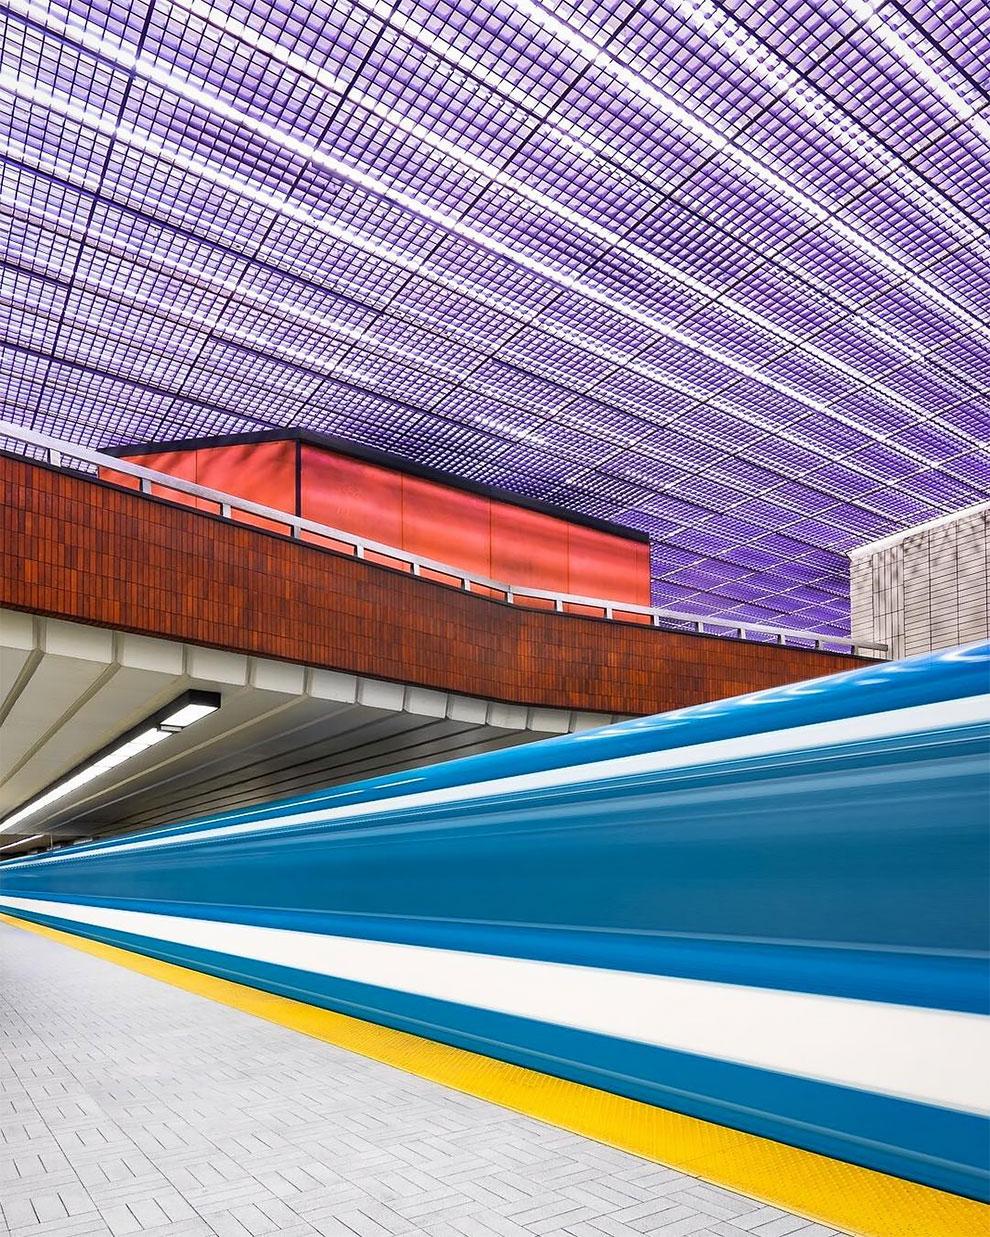 Необычные интерьеры станций метро по всему миру